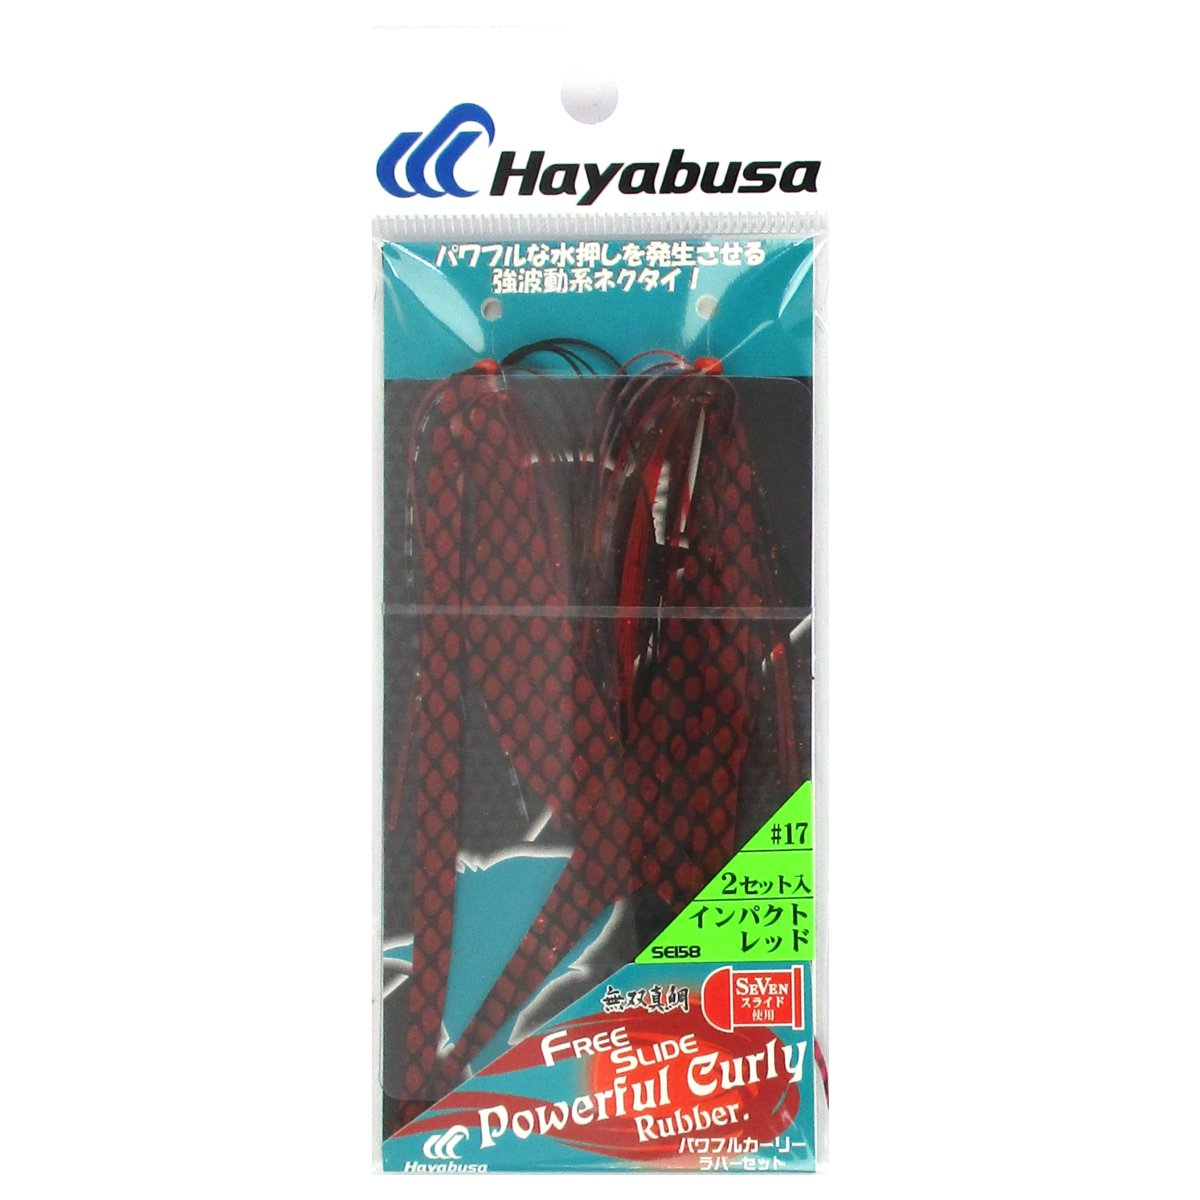 無双真鯛 フリースライド パワフルカーリーラバーセット SE158 #17 インパクトレッド